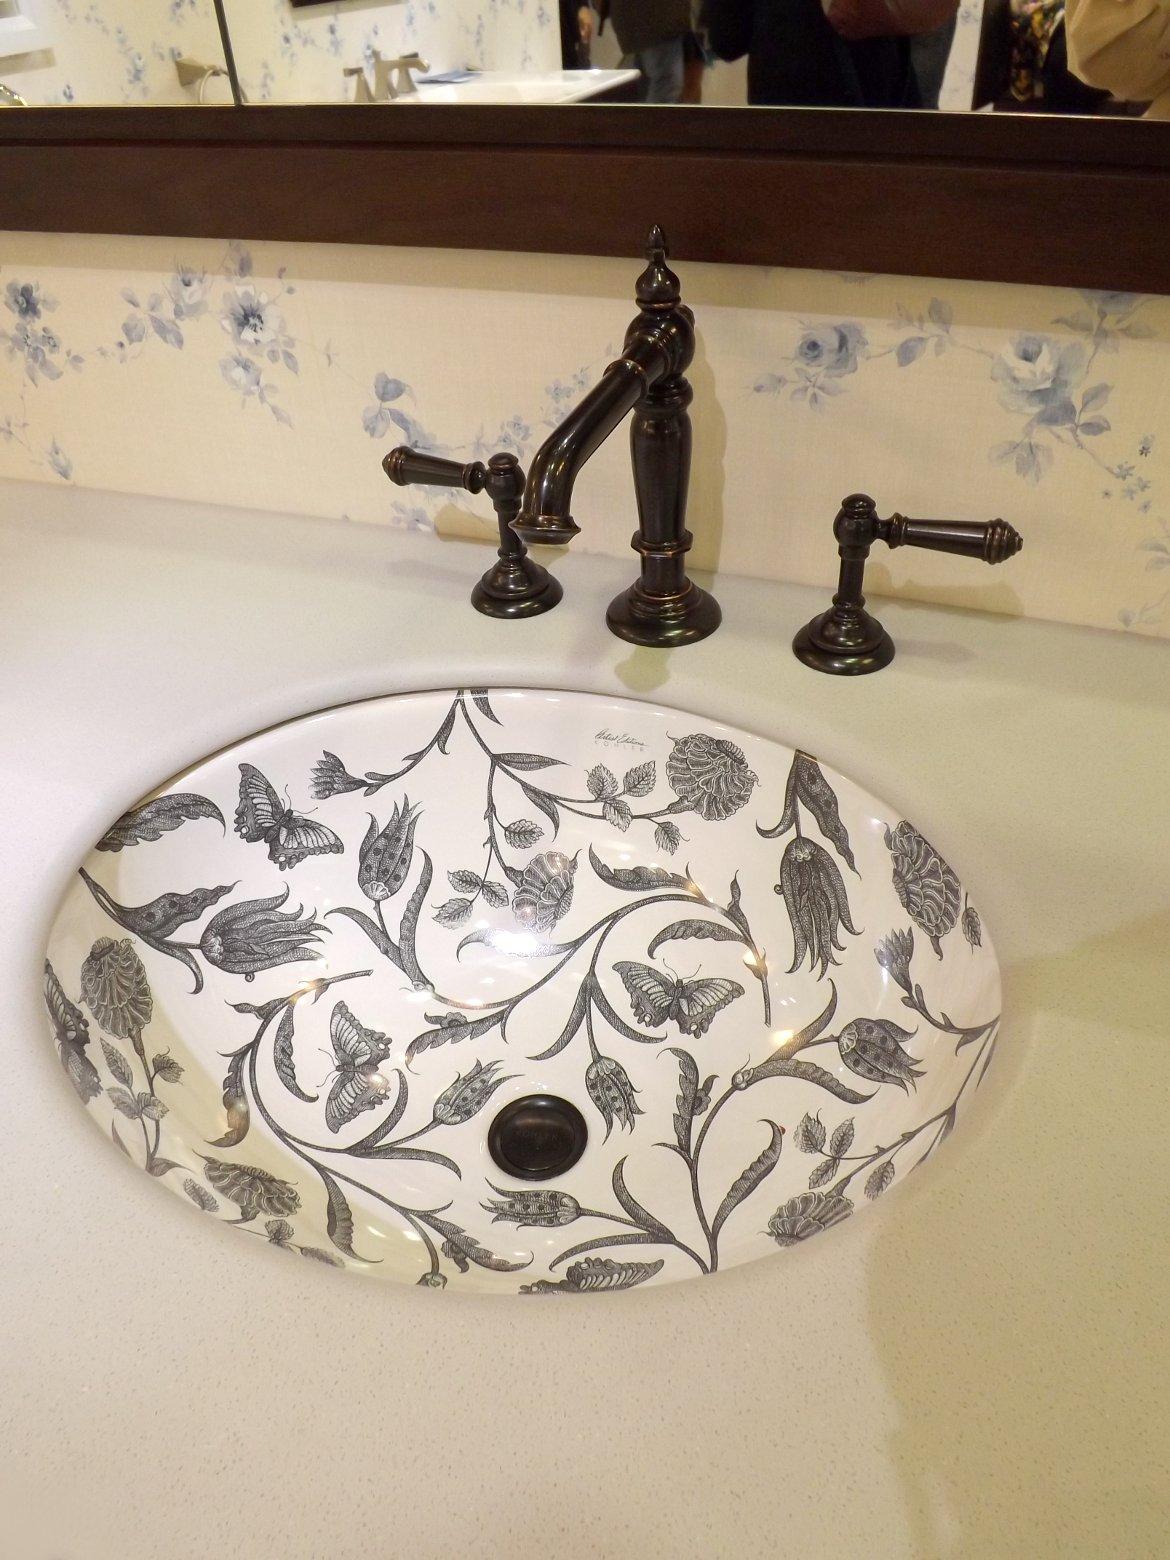 Модные тренды сантехники и аксессуаров для ванной 2016: умывальник со встроенной под столешницу чашей раковины на экспозиции от Jacob Delafon и Kohler во время выставки MosBuild